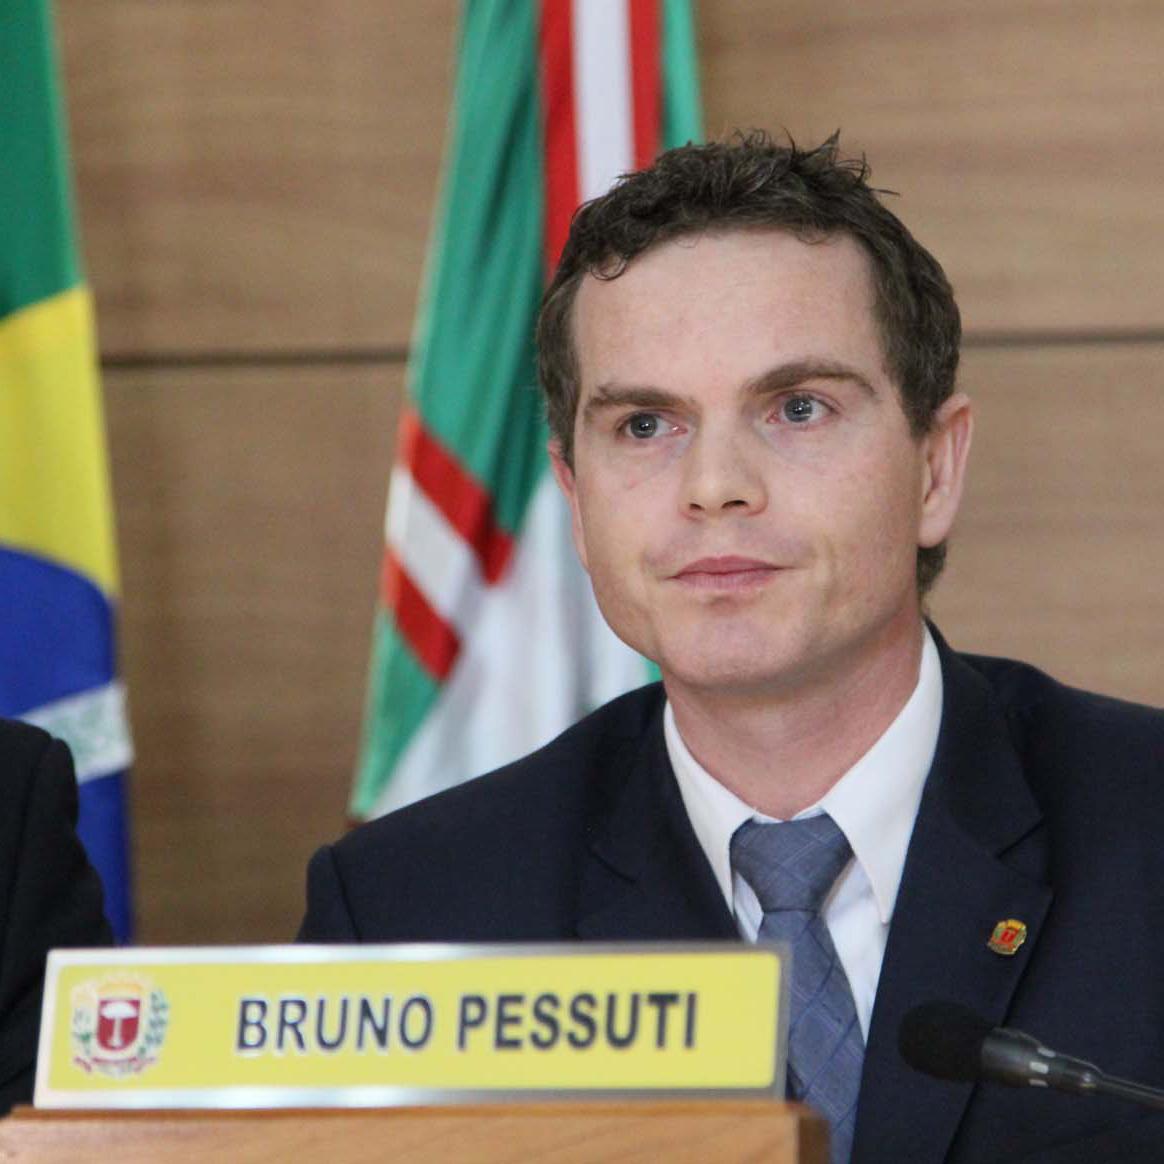 1ª Sessão Plenária de 2017 - Bruno Pessuti